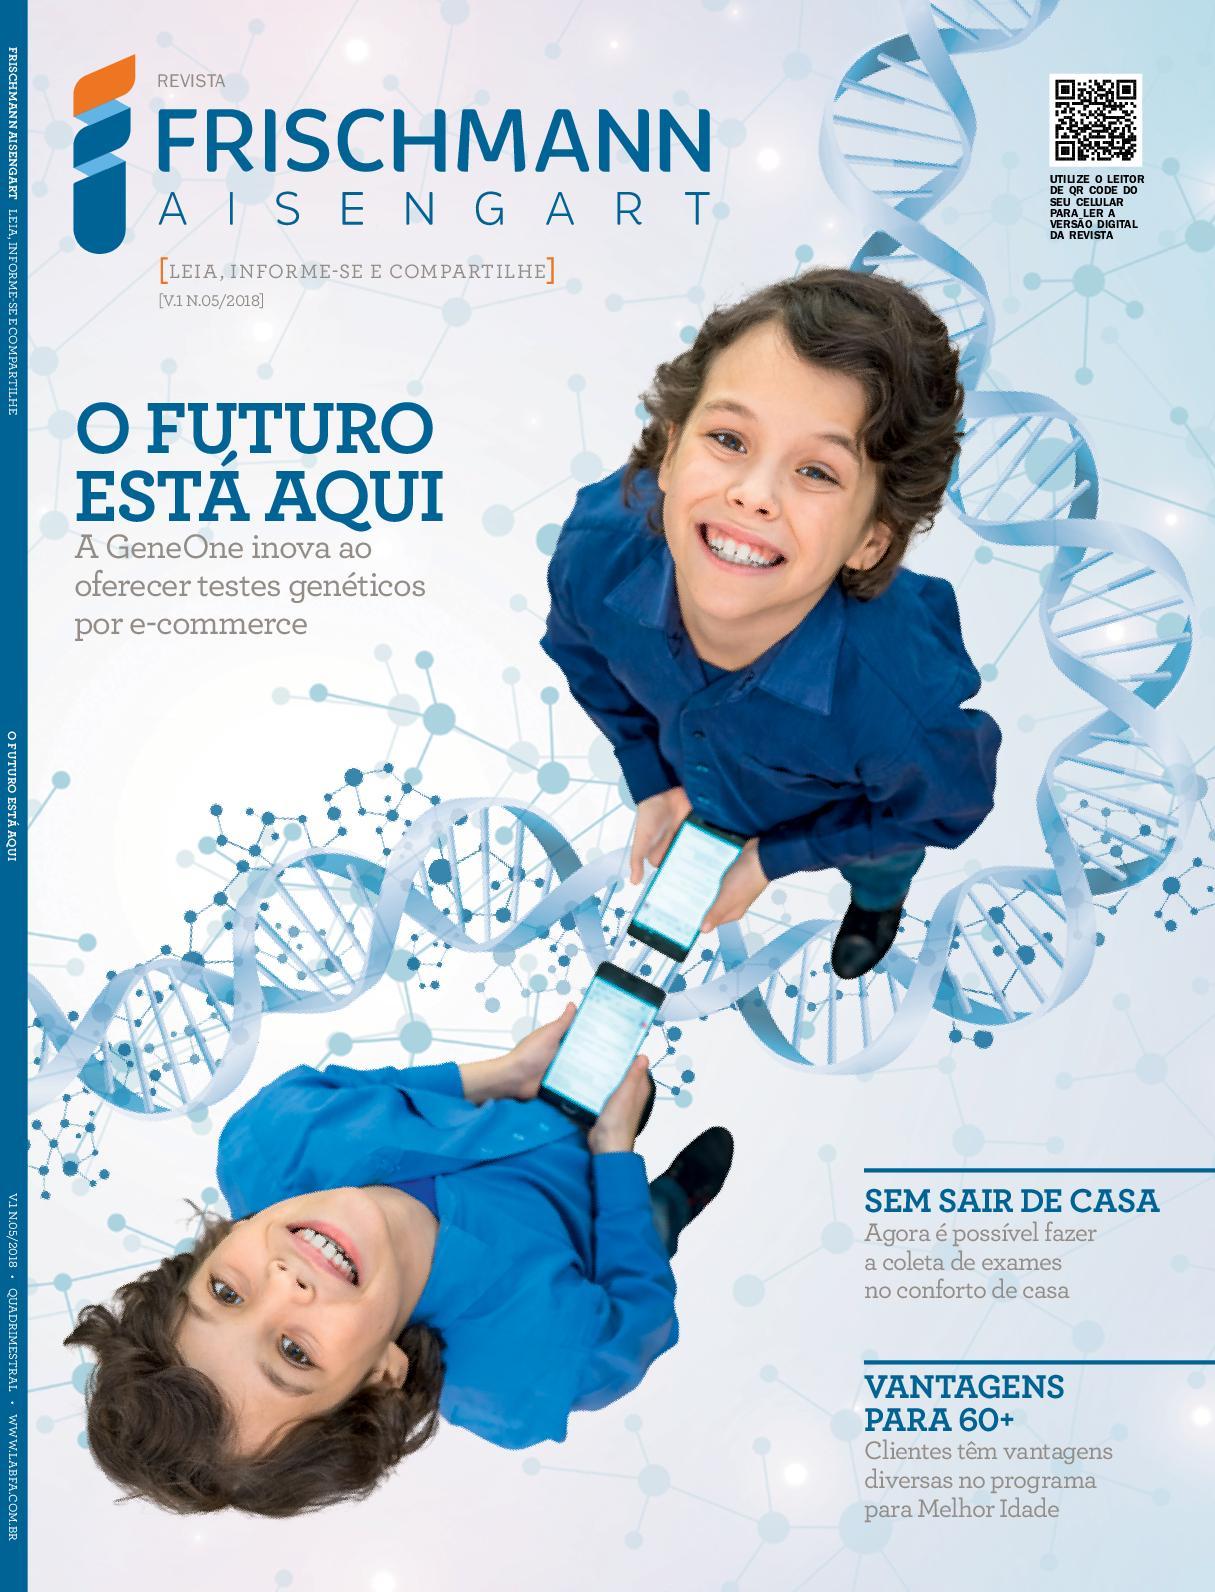 Calaméo - Revista Frischmann 5ª edição ebce81bbf2